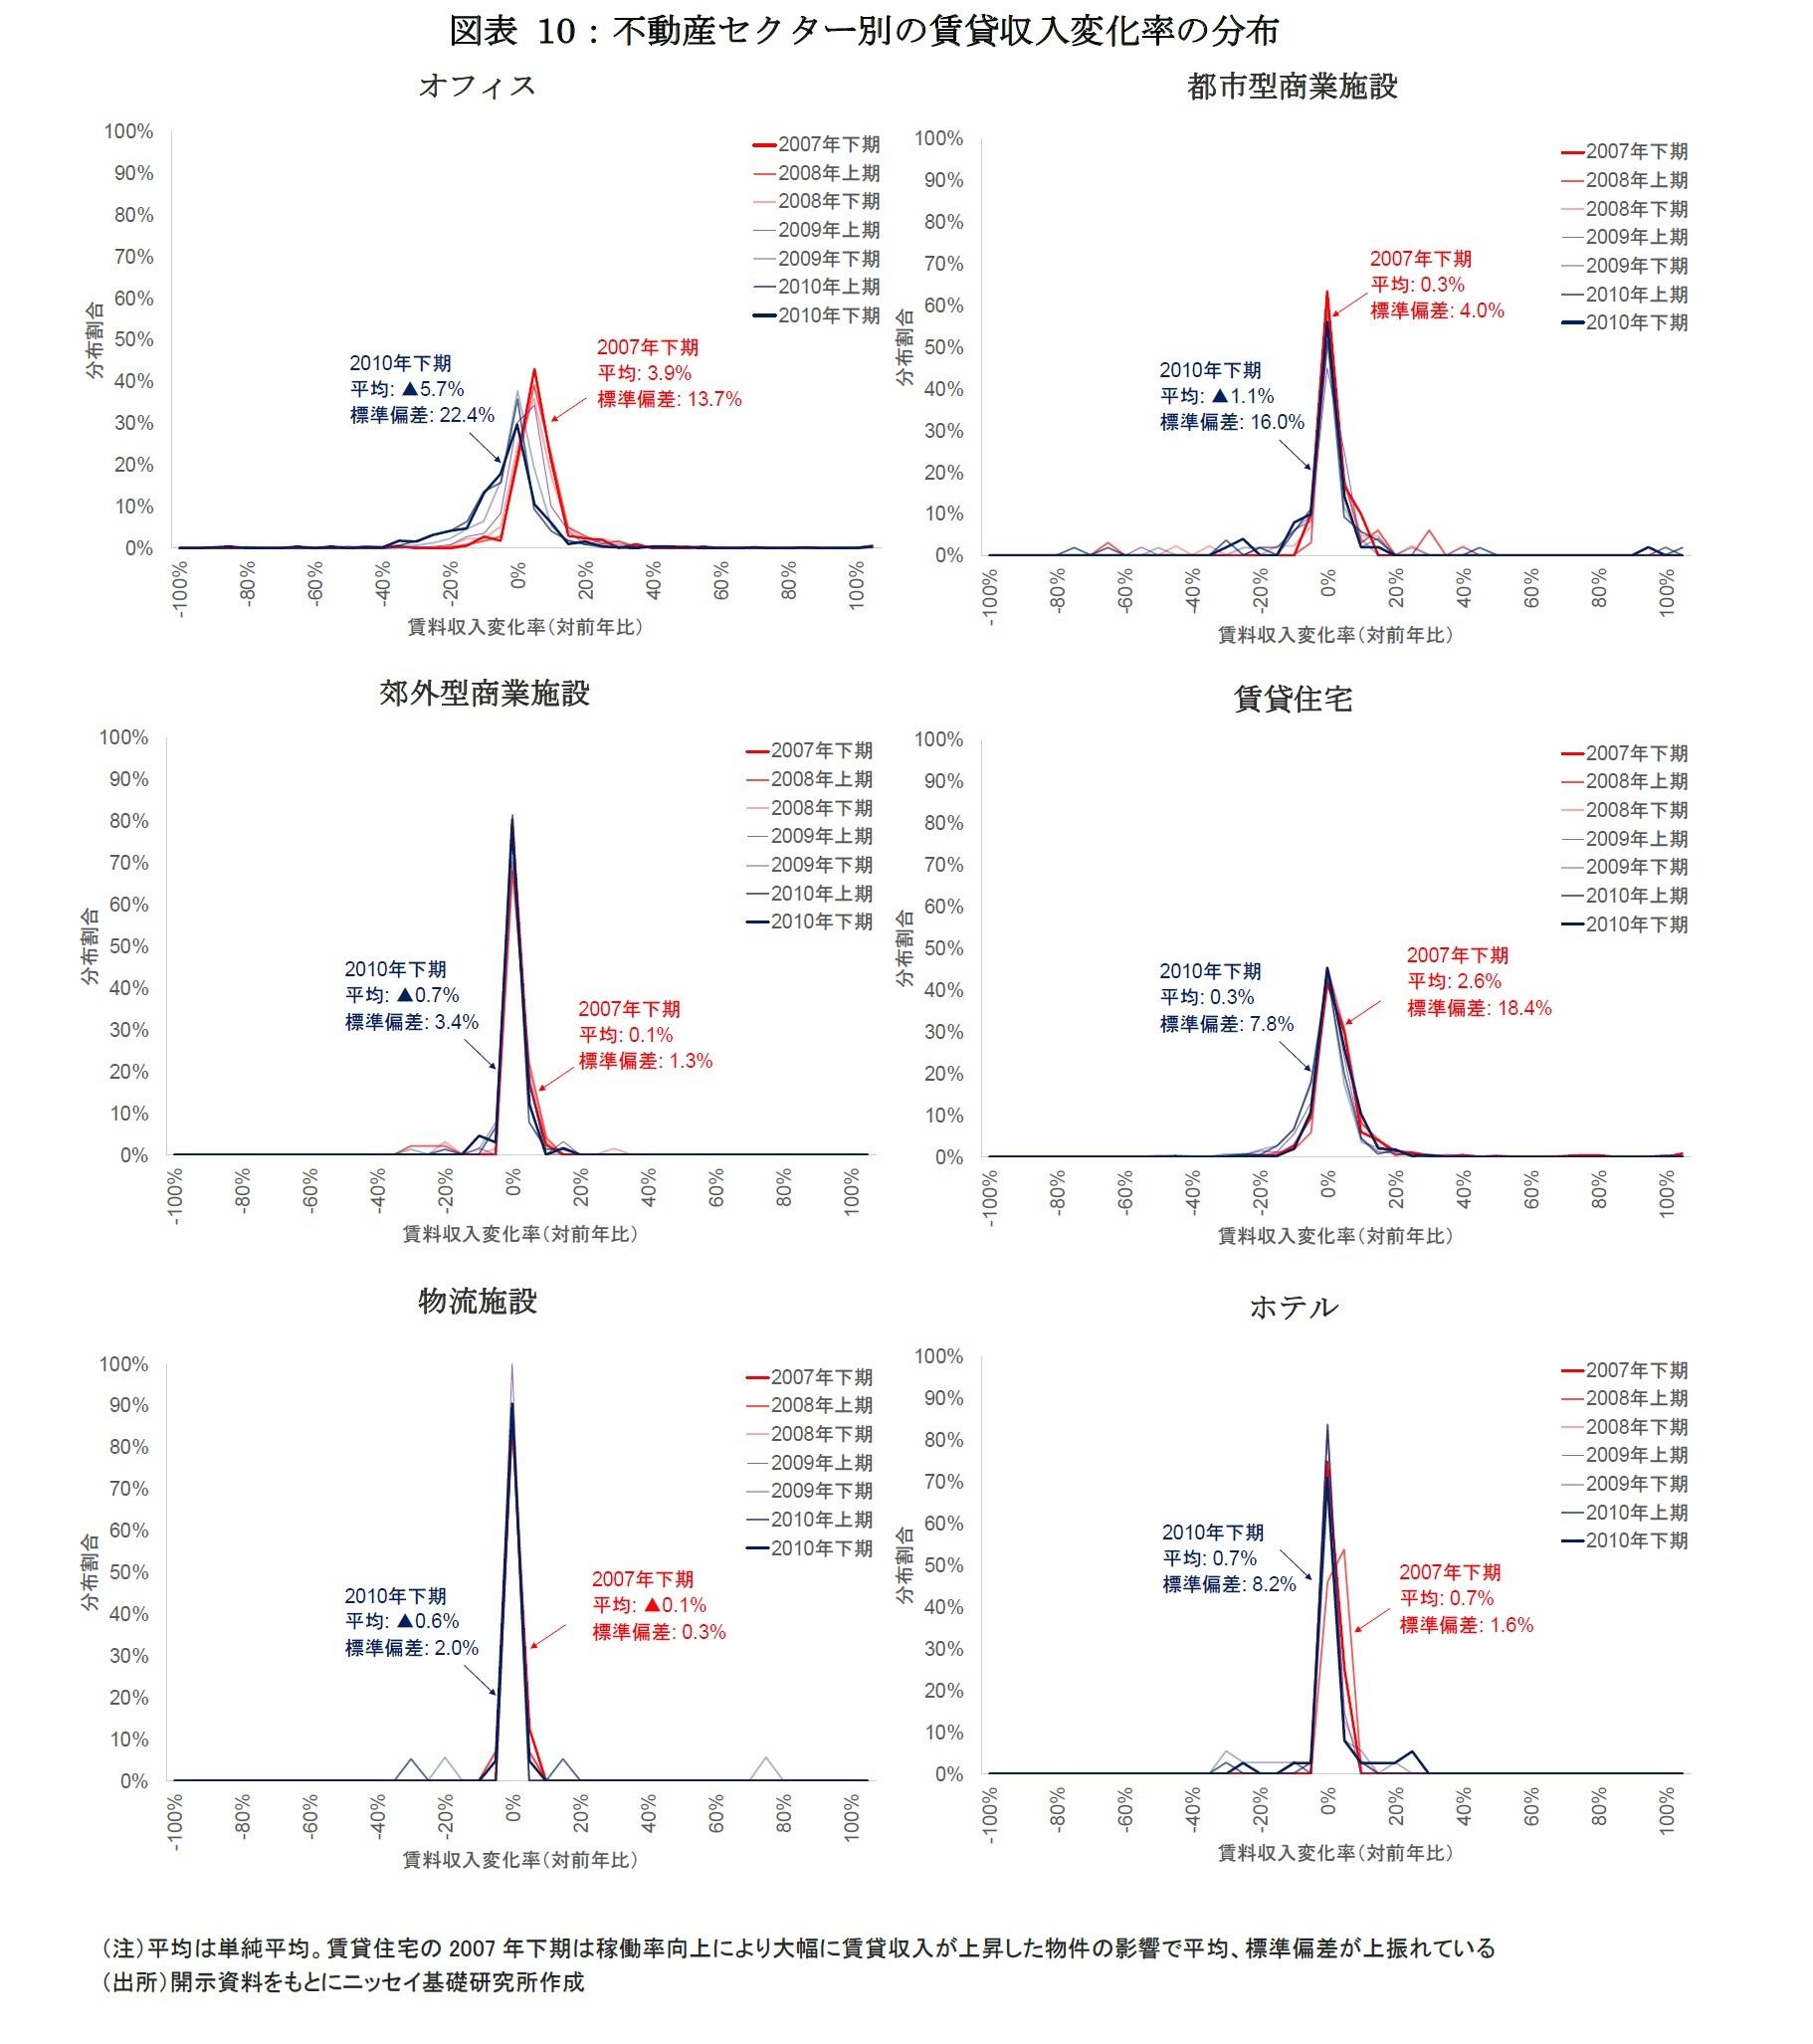 図表 10:不動産セクター別の賃貸収入変化率の分布